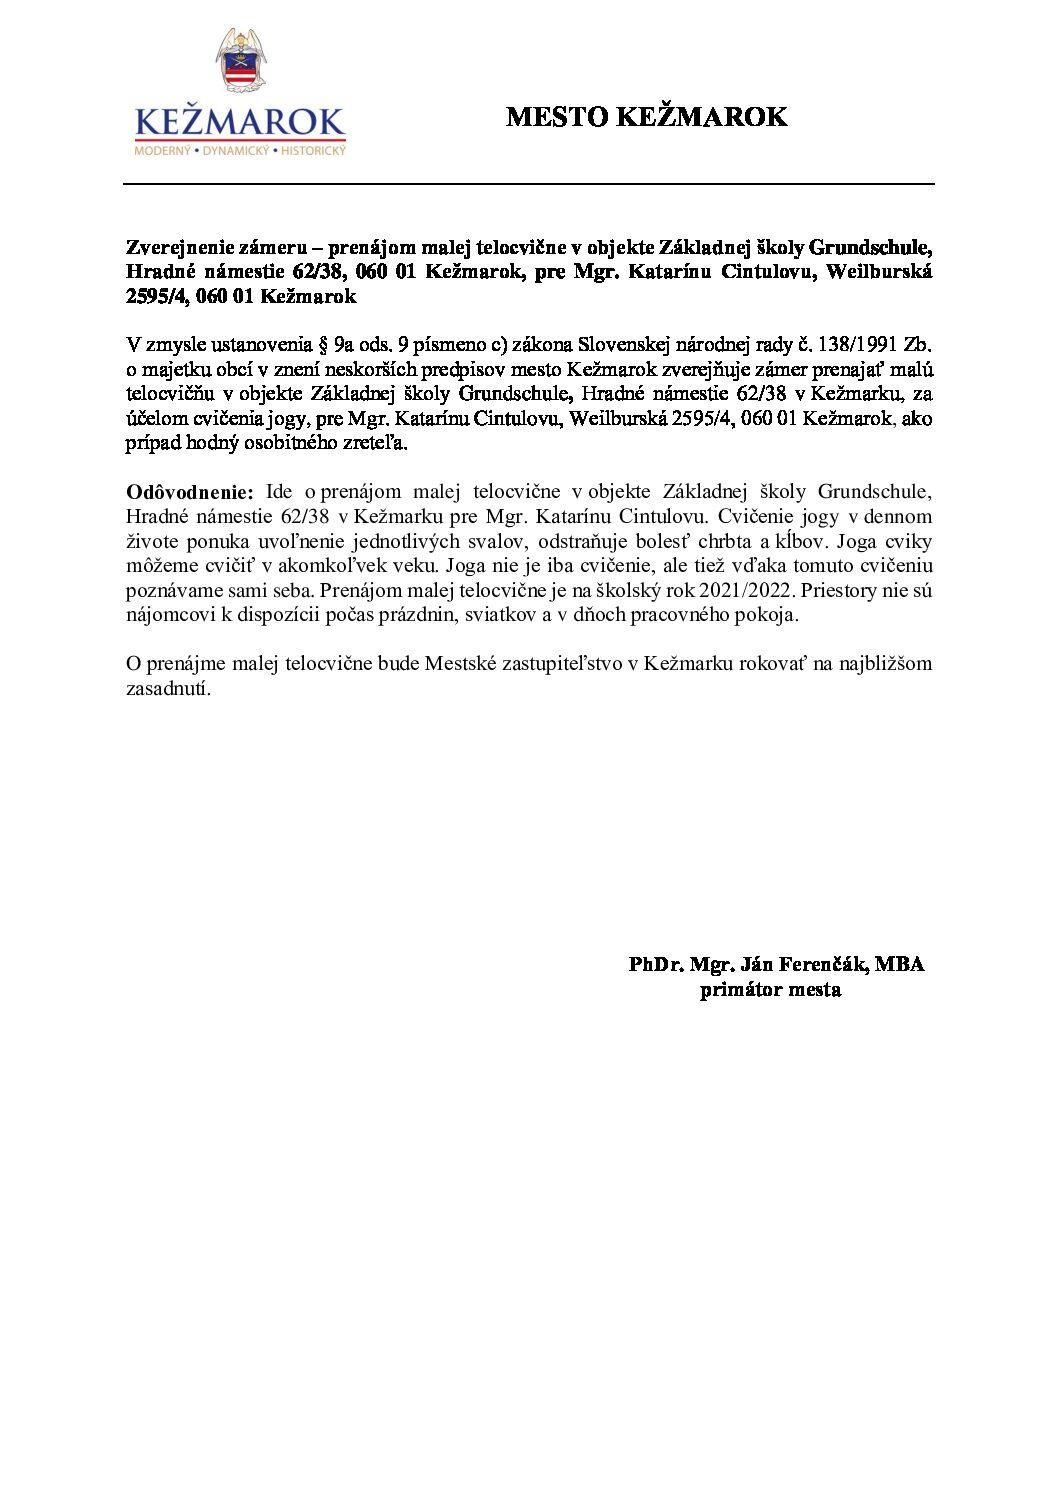 Zverejnenie zámeru - prenájom malej telocvične v objekte ZŠ Grundchule Kežmarok